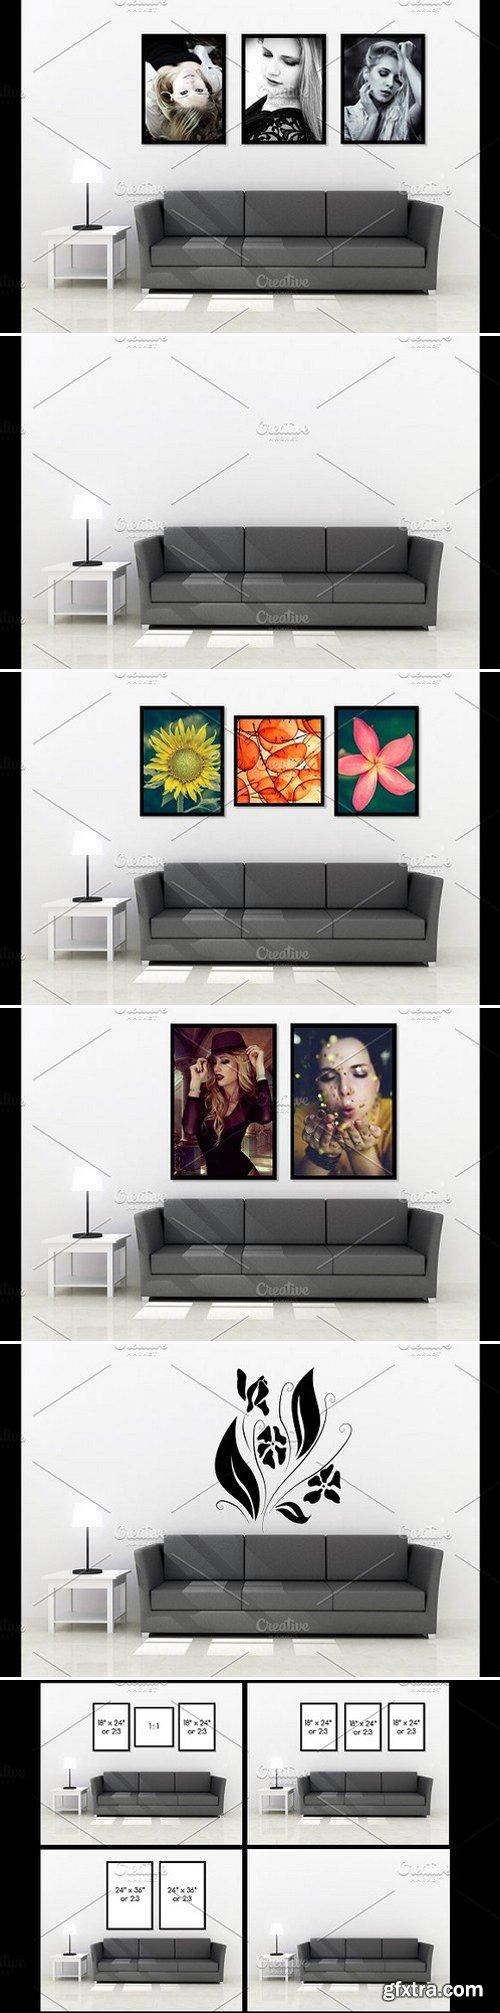 CM - Wall art Mockup v5 955516